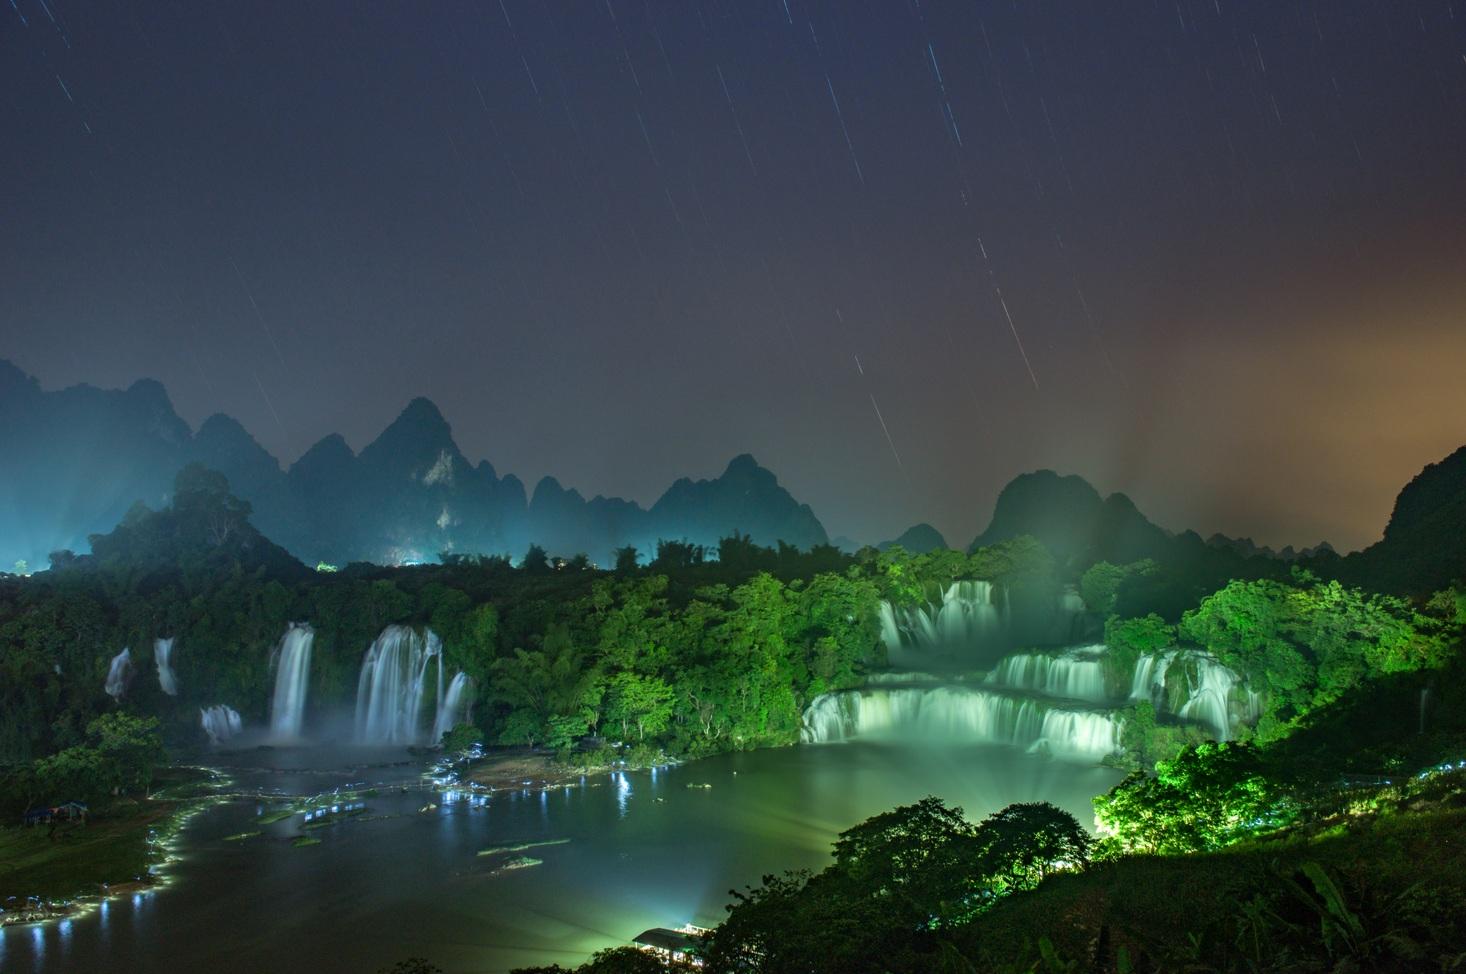 【穿越·瀑屿海】 德天瀑布·通灵峡谷·巴马寿乡·北海5日游